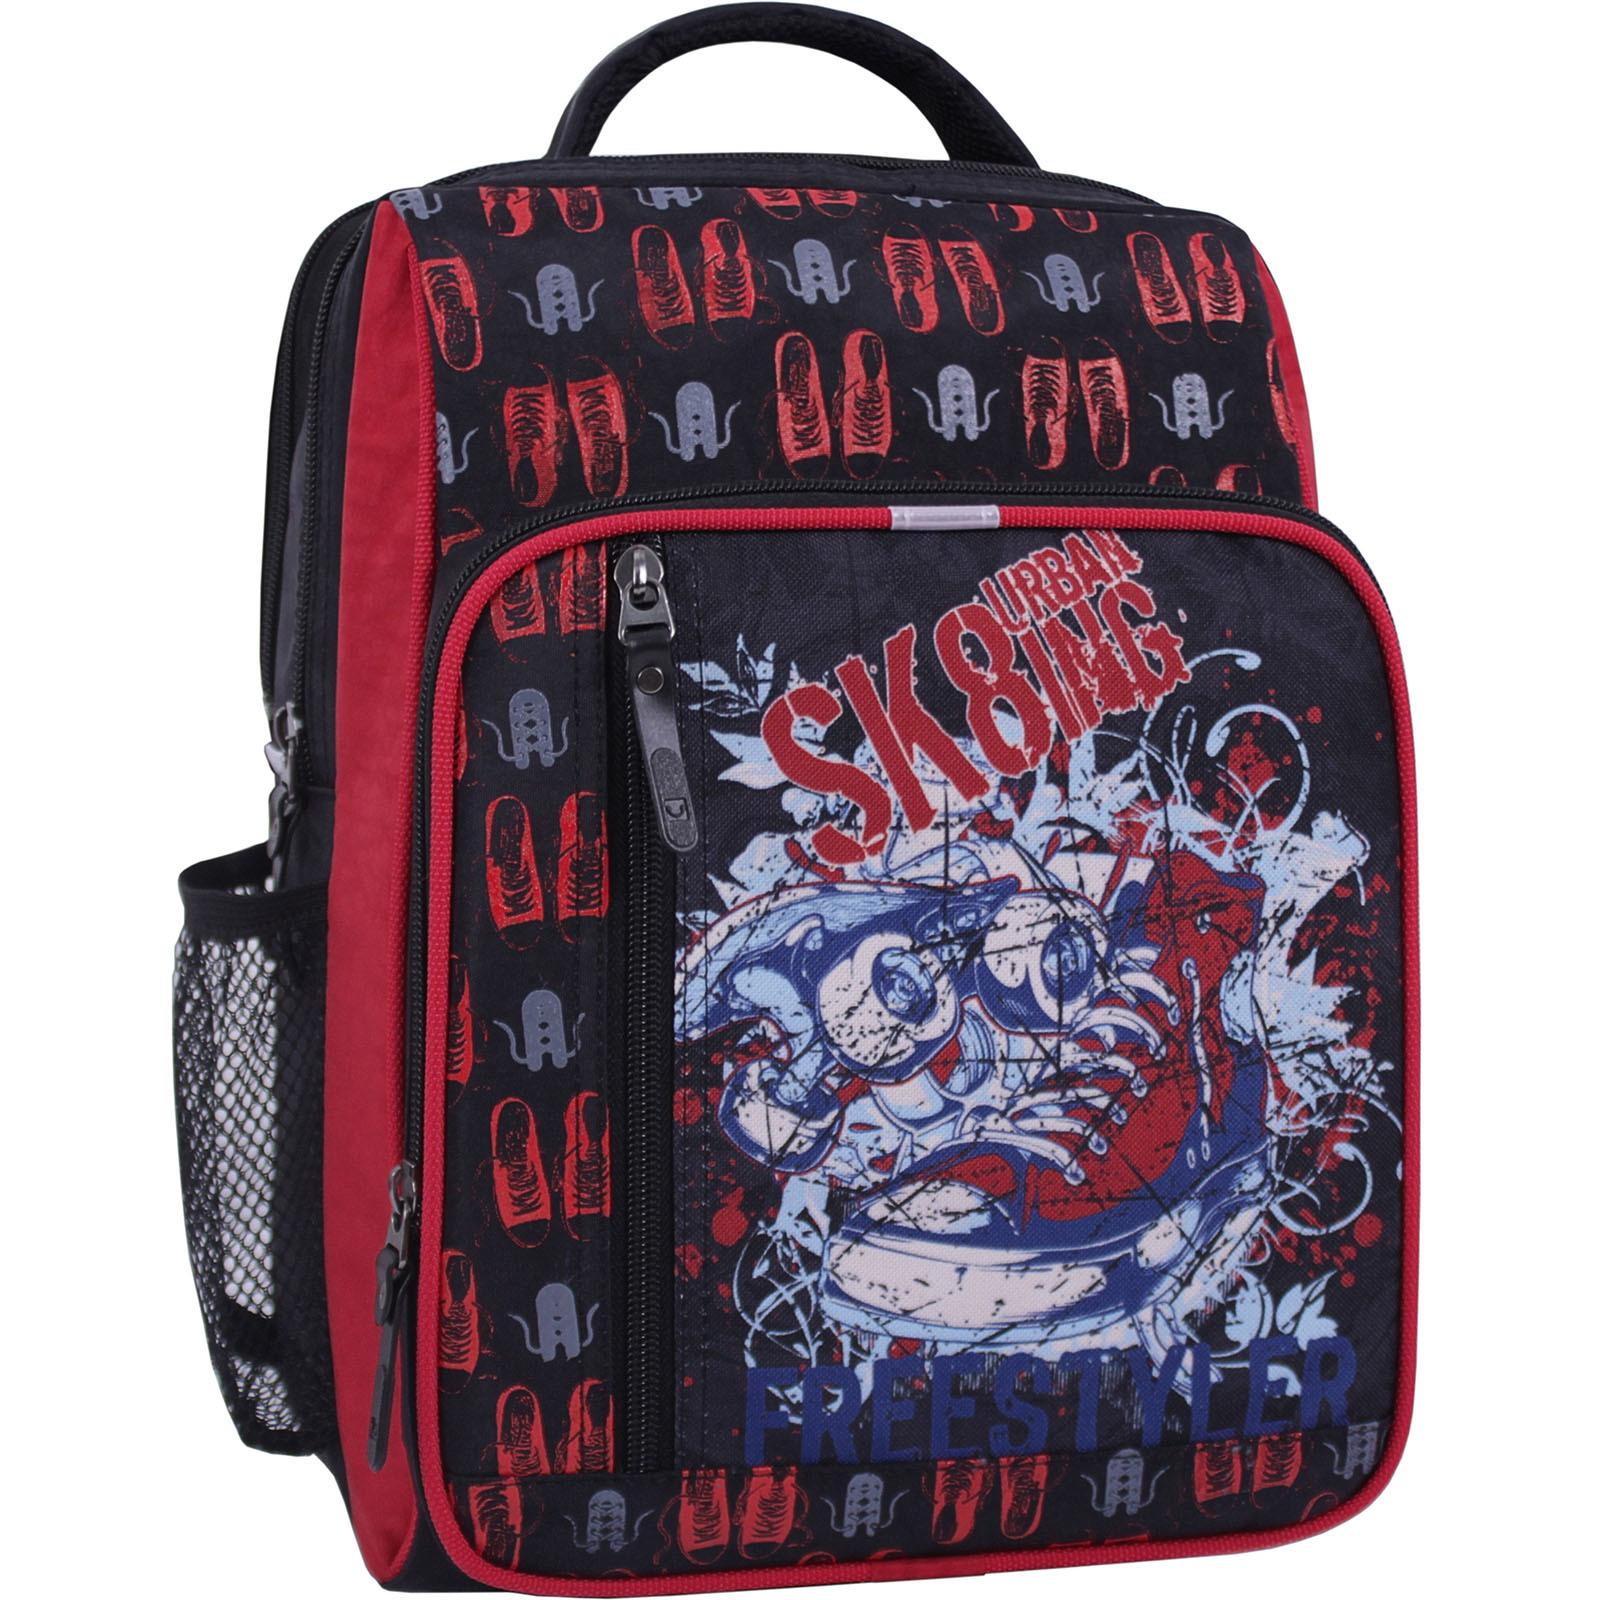 Рюкзак школьный Bagland Школьник 8 л. черный 609 (0012870) фото 1